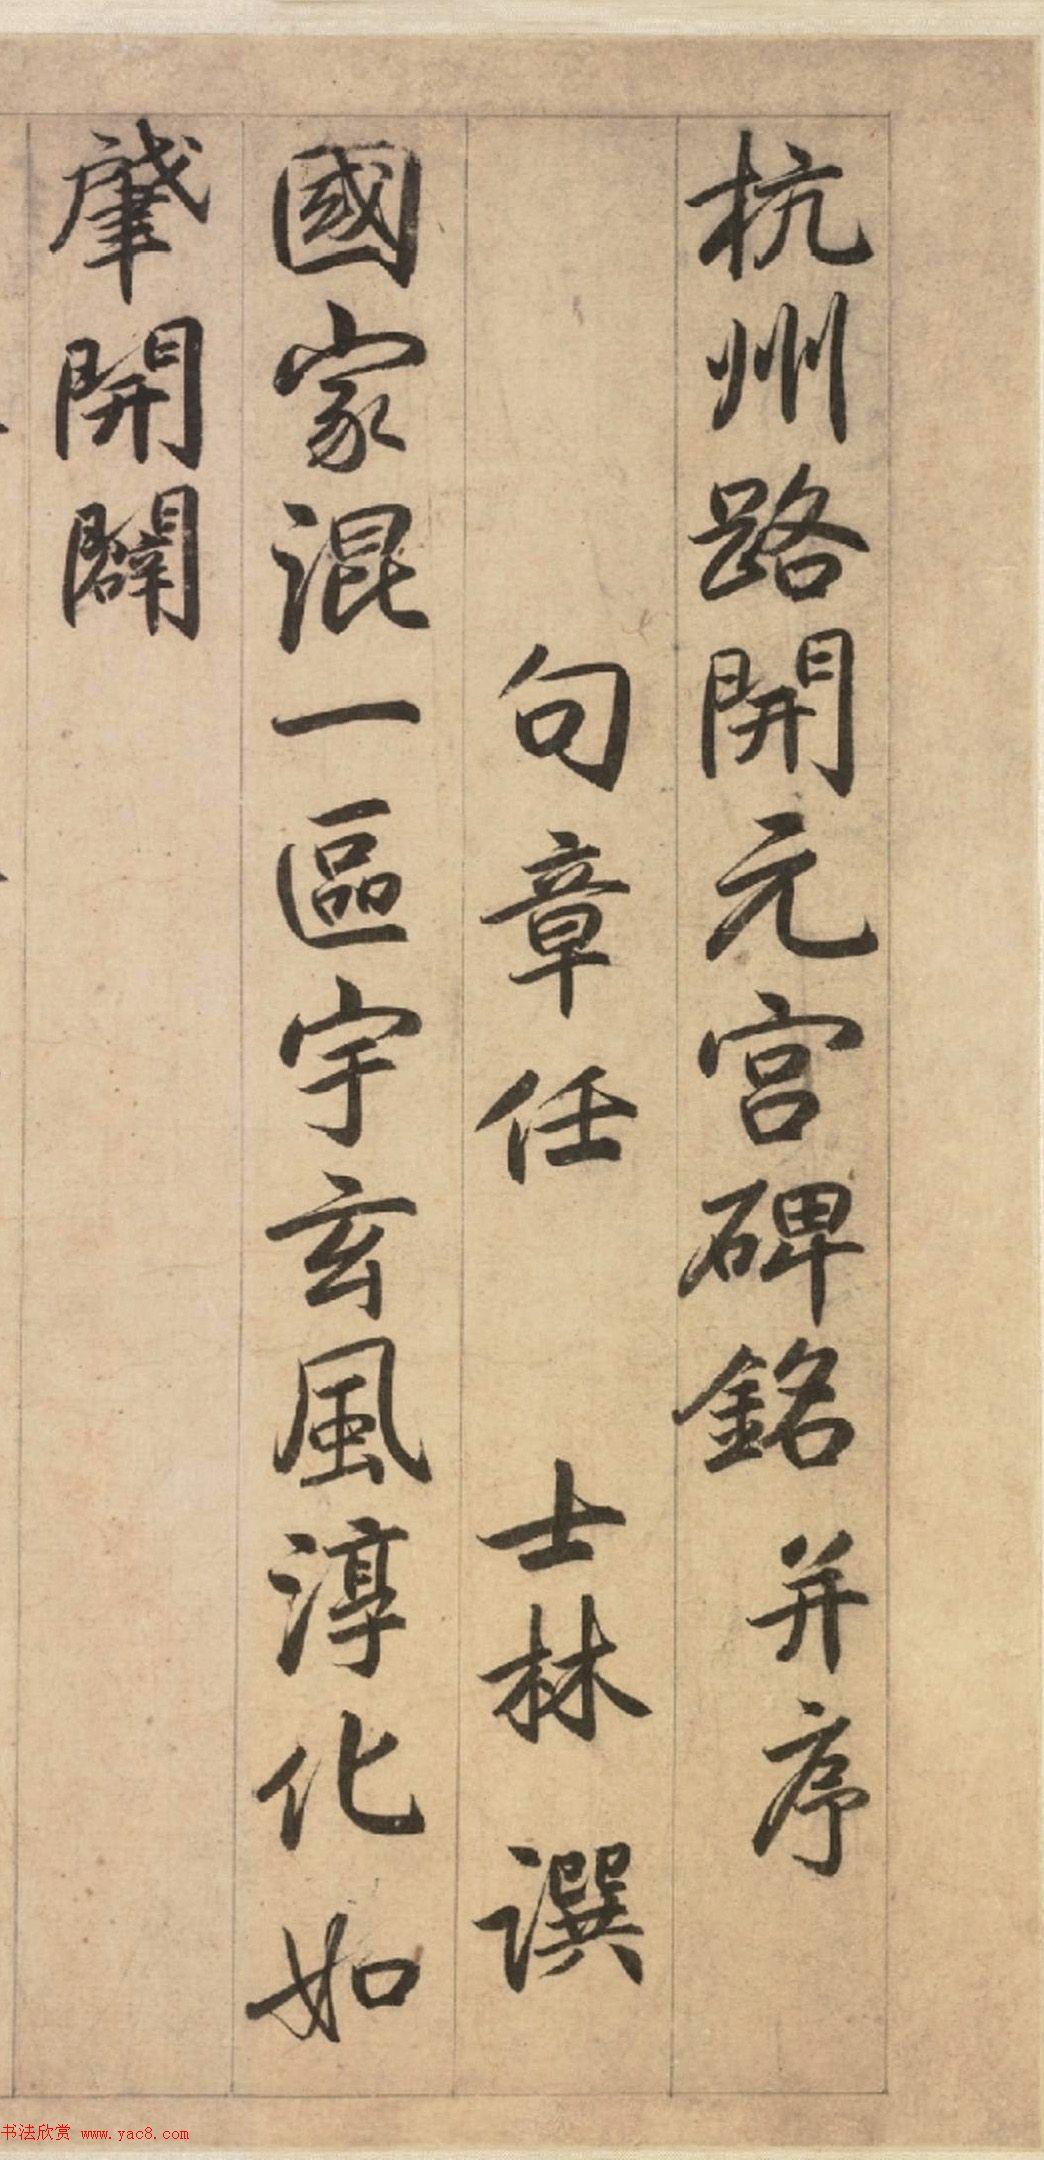 元代行书《杭州路开元宫碑铭》